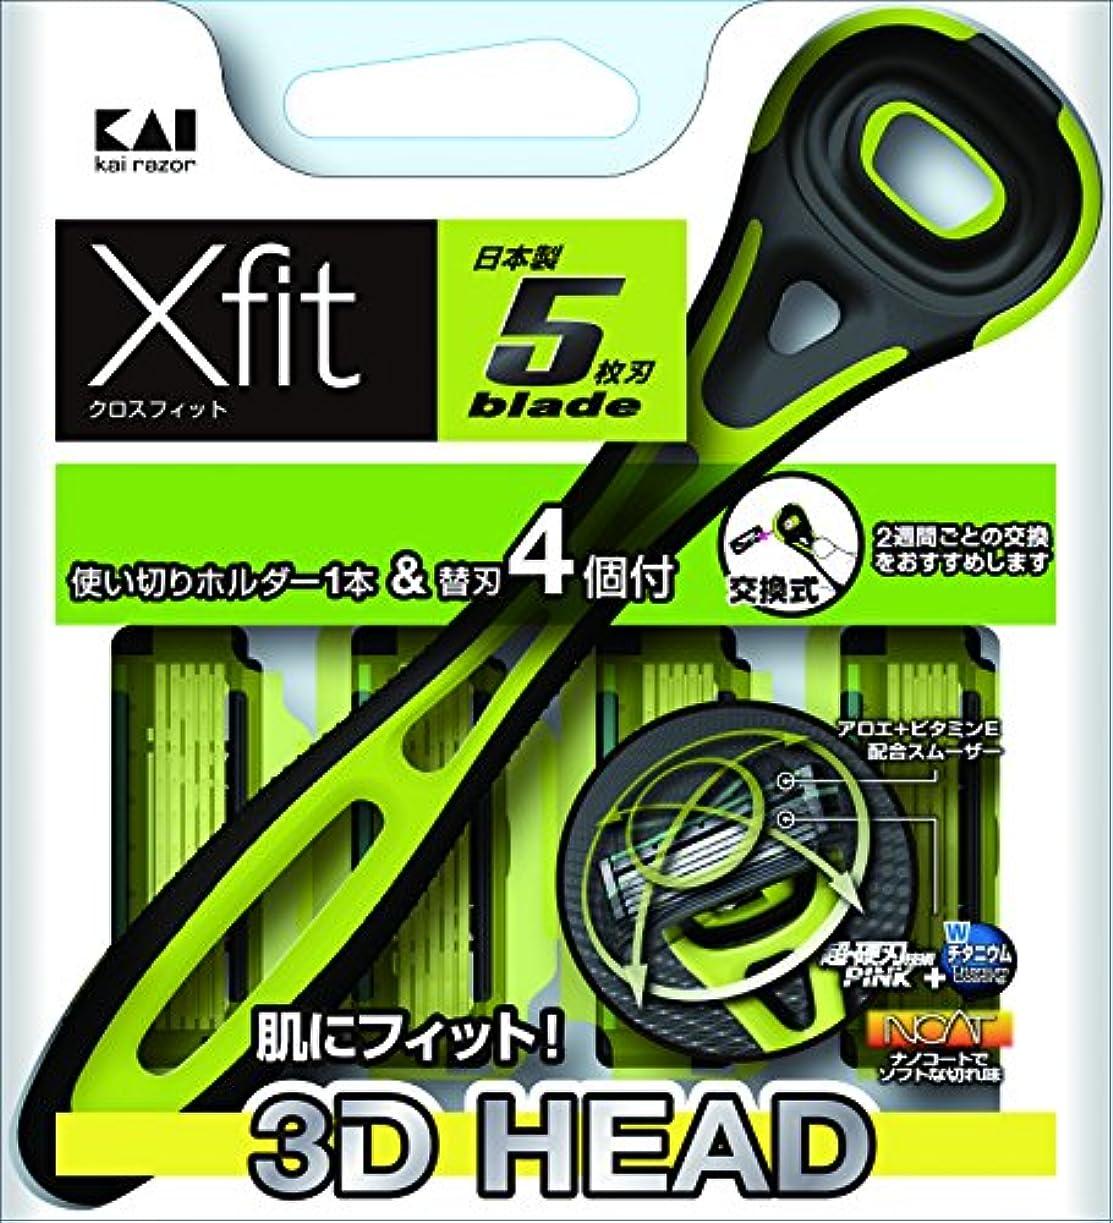 不名誉テクスチャーペーストXfit(クロスフィット)5枚刃 クリアパッケージ 使い切りホルダー+替刃4個